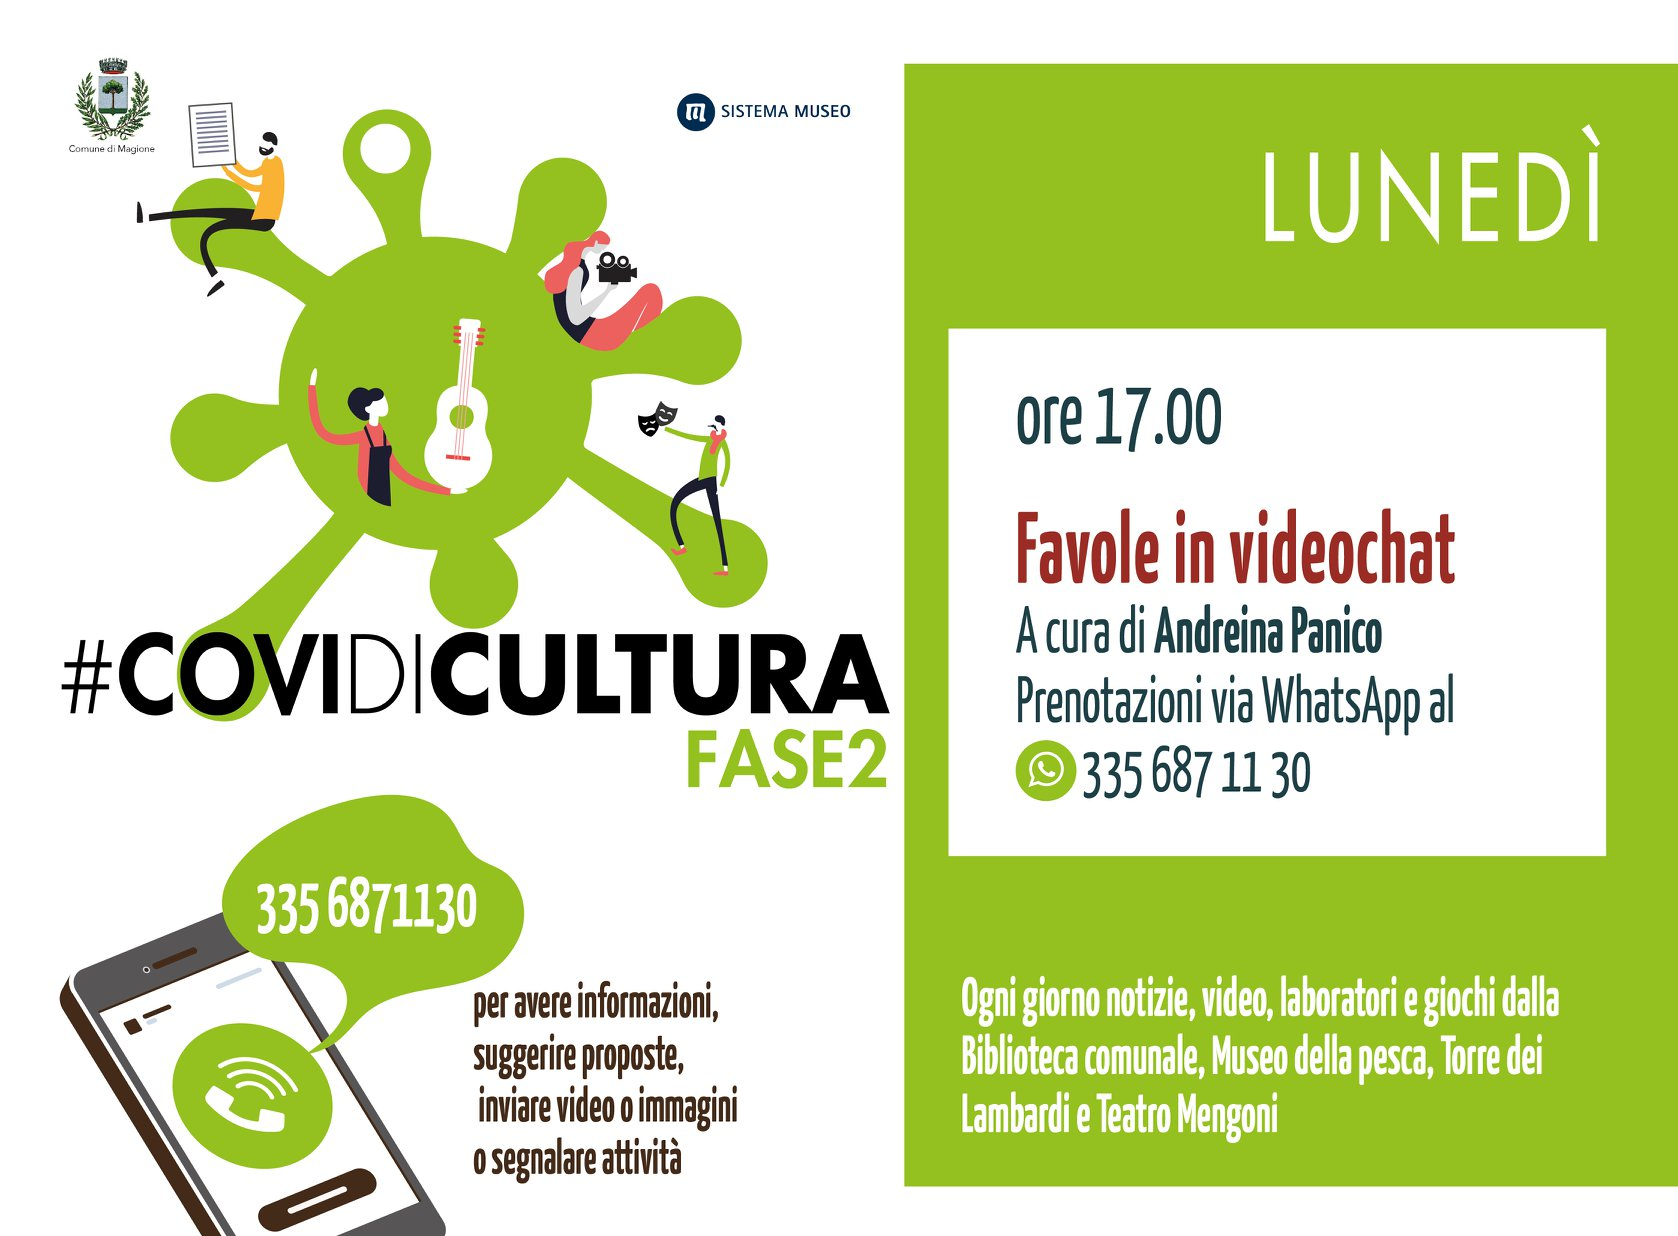 PROGETTO #COVIDICULTURA, UN SOSTEGNO ONLINE A BIBLIOTECHE, TEATRI, MUSEI